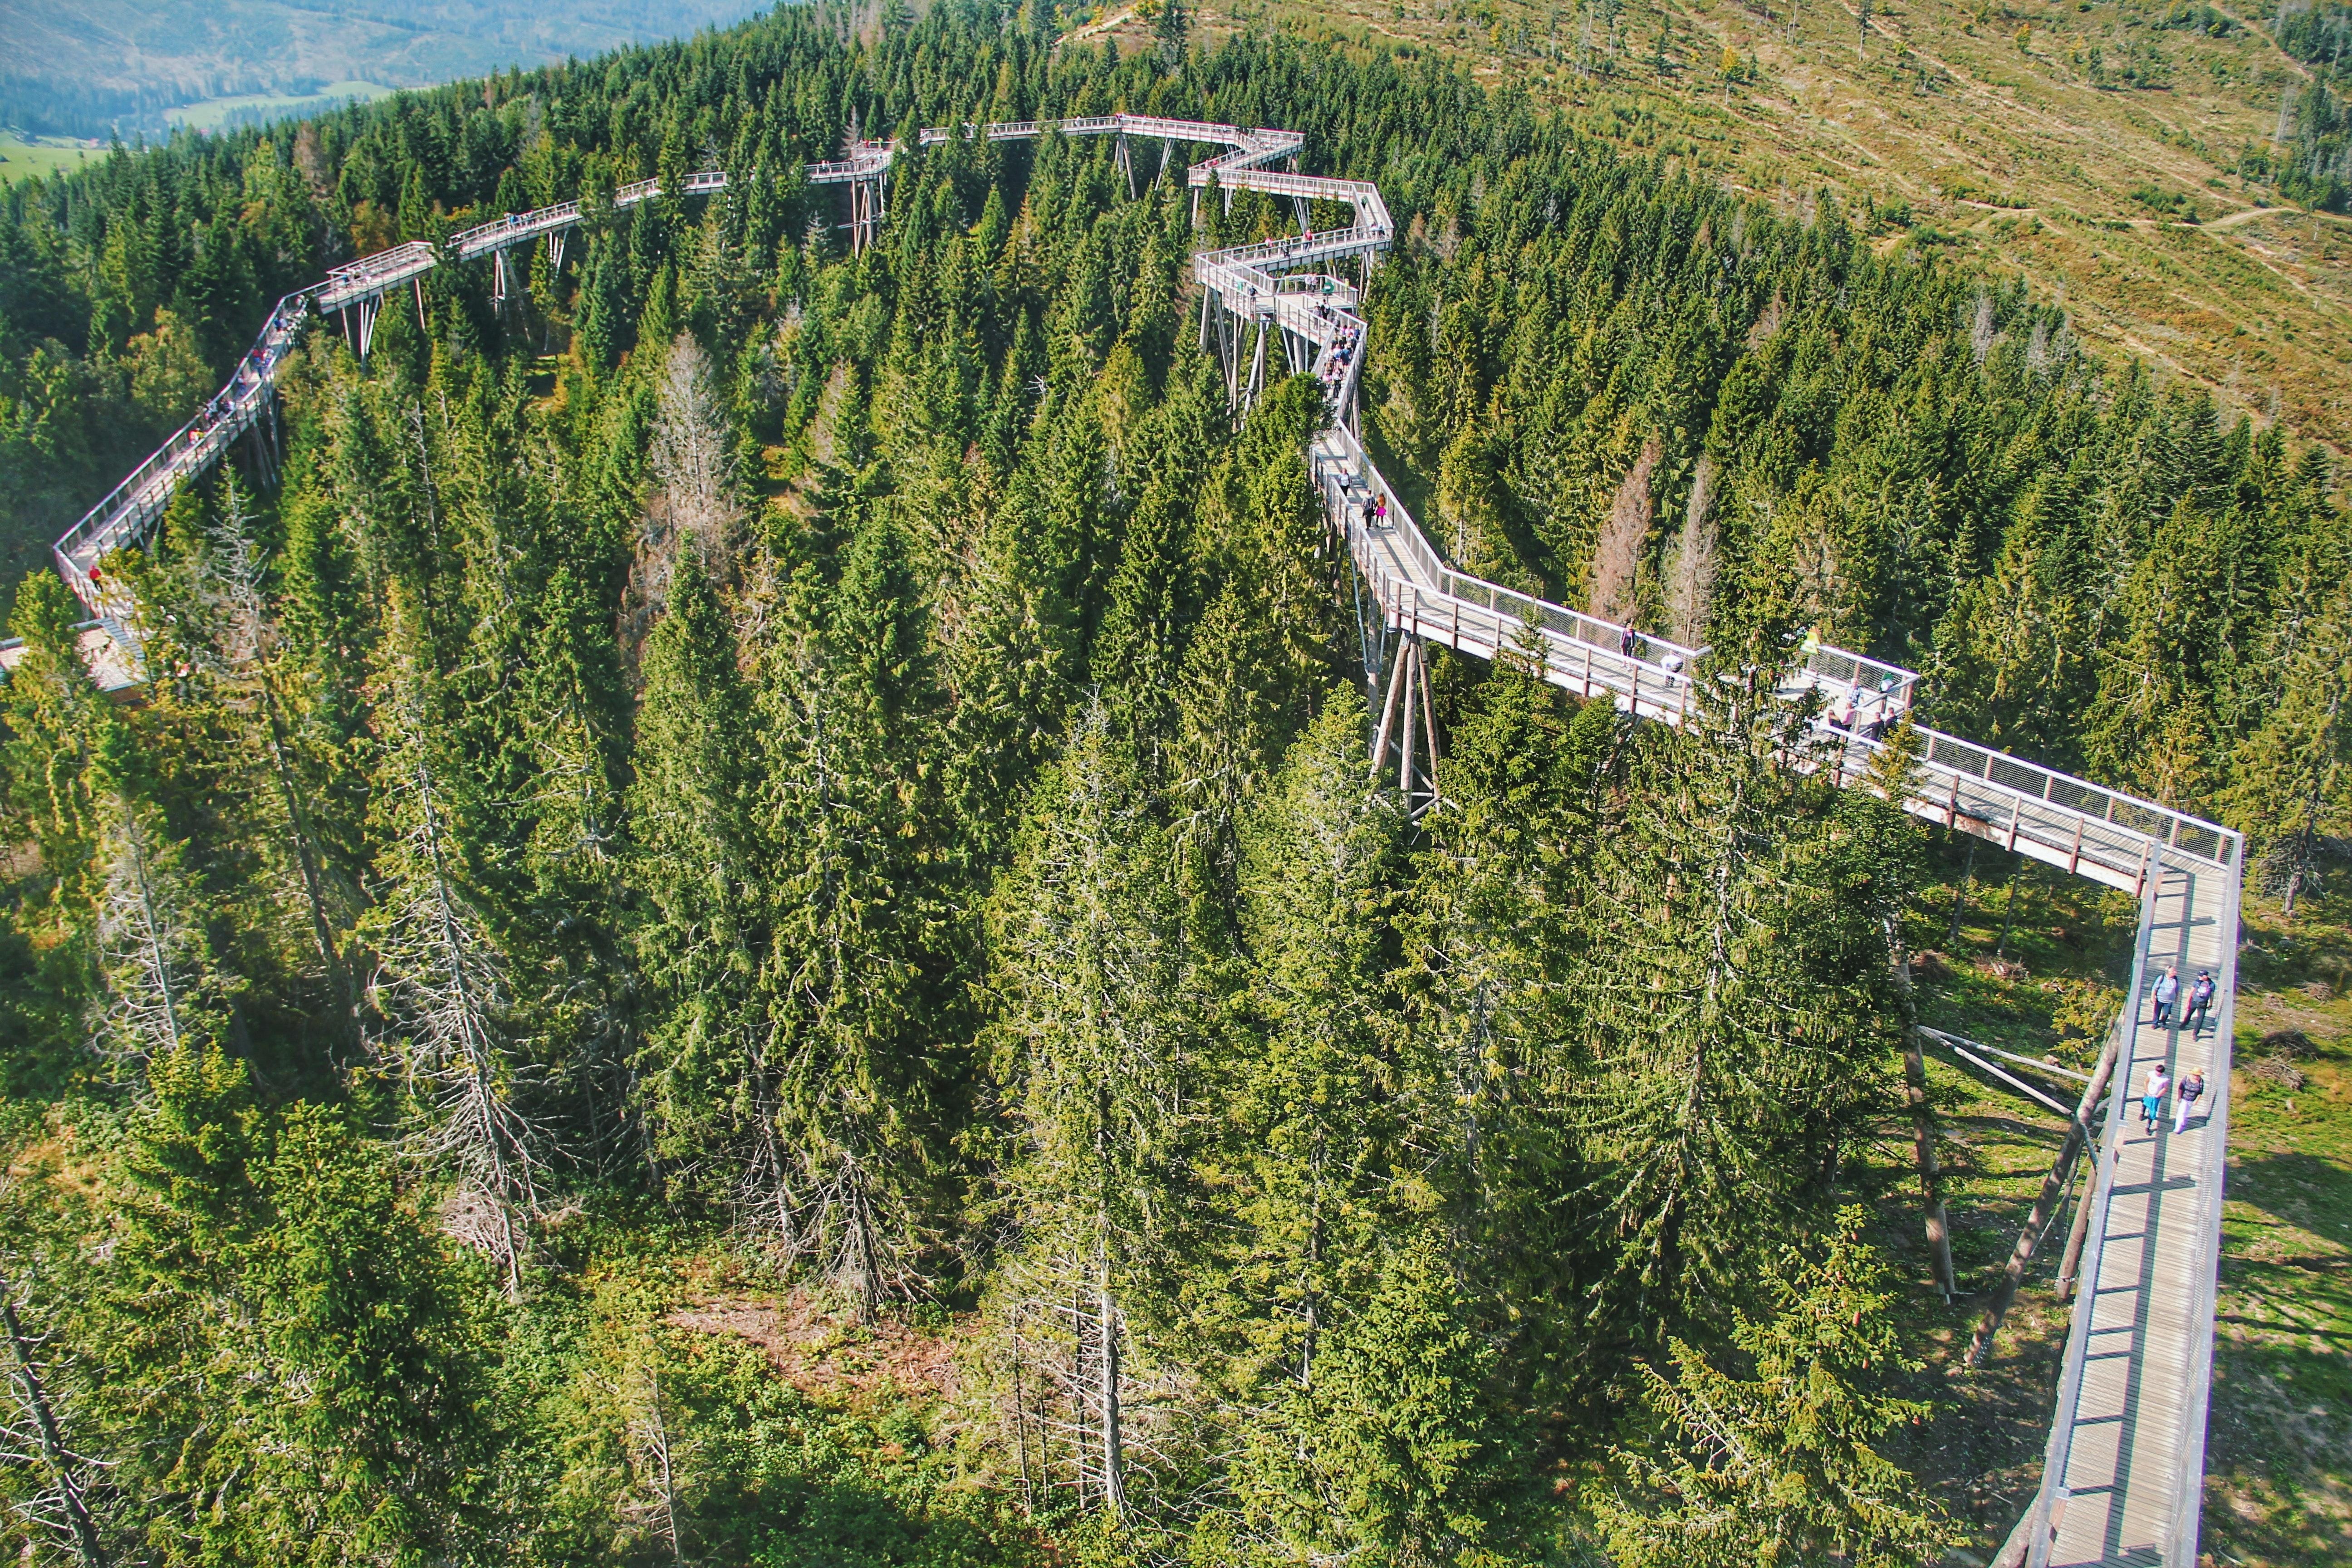 無料画像 4kの壁紙 ブリッジ 雲 針葉樹 田舎 環境 モミの木